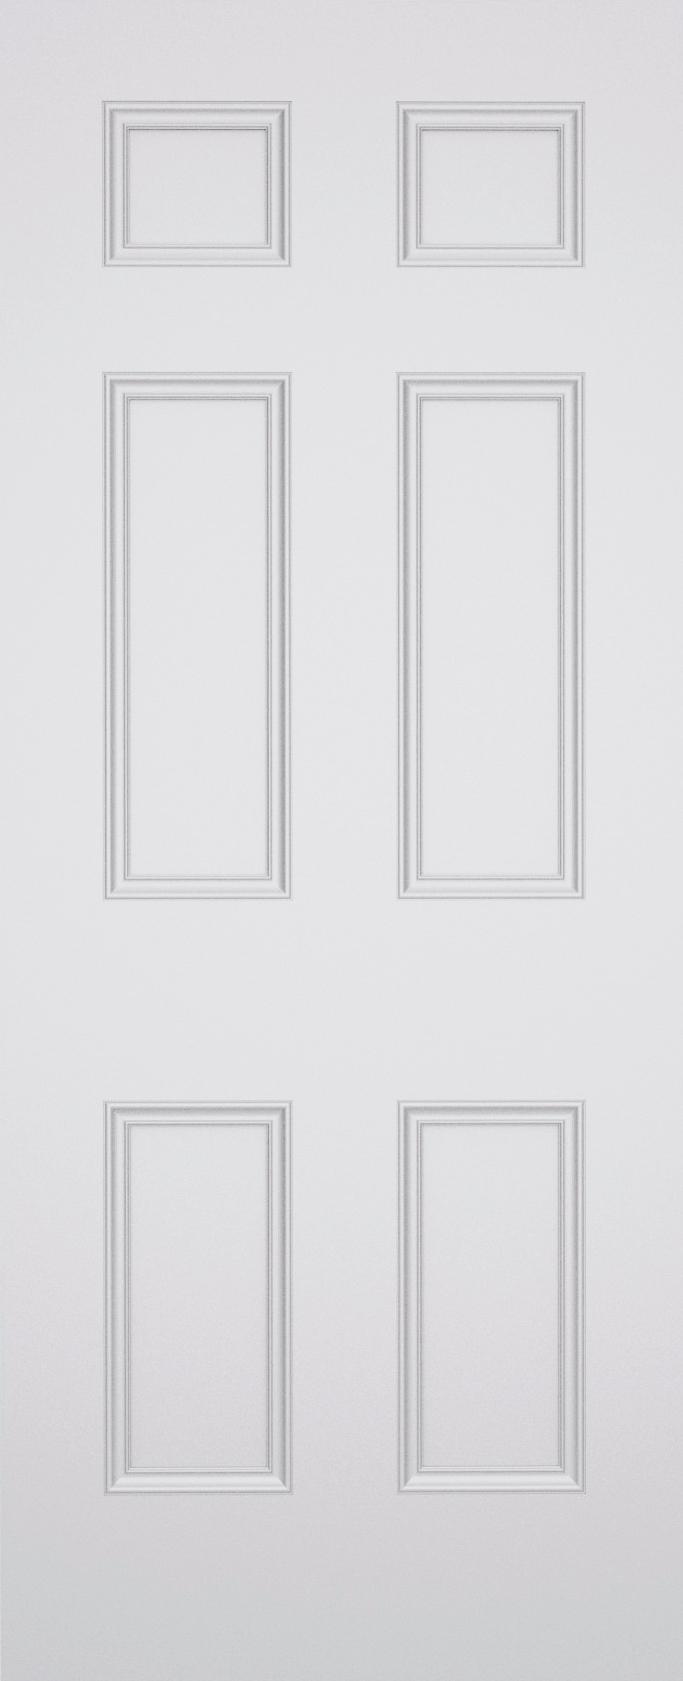 Sestina Brompton 6 Panel Fire Door